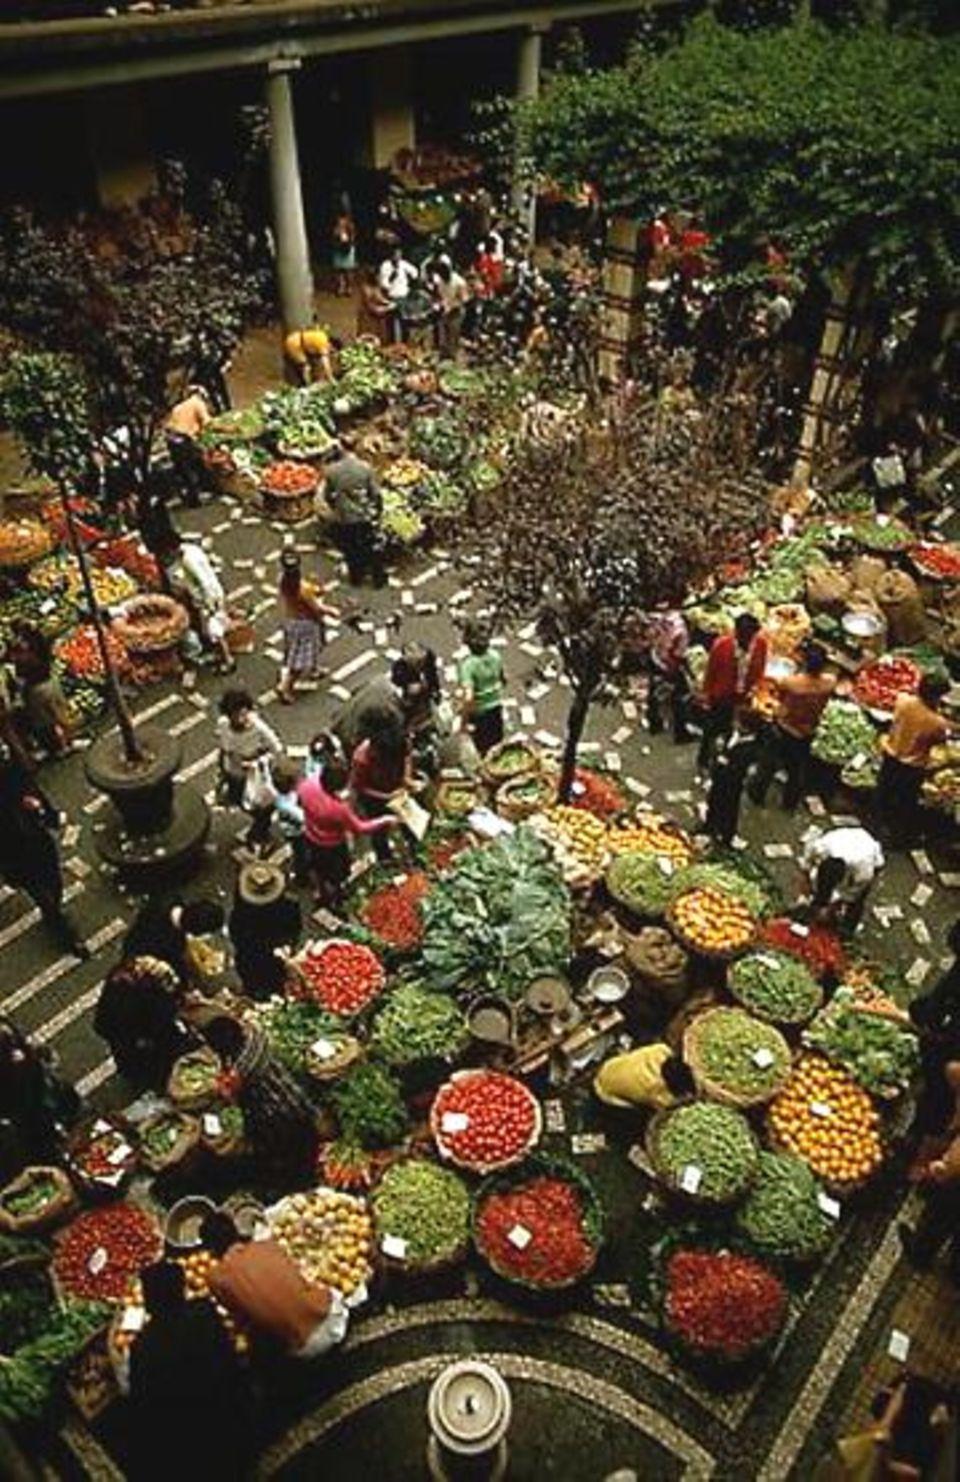 Samstag morgens kommen auf dem Markt in Funchal alle Sinne auf ihre Kosten